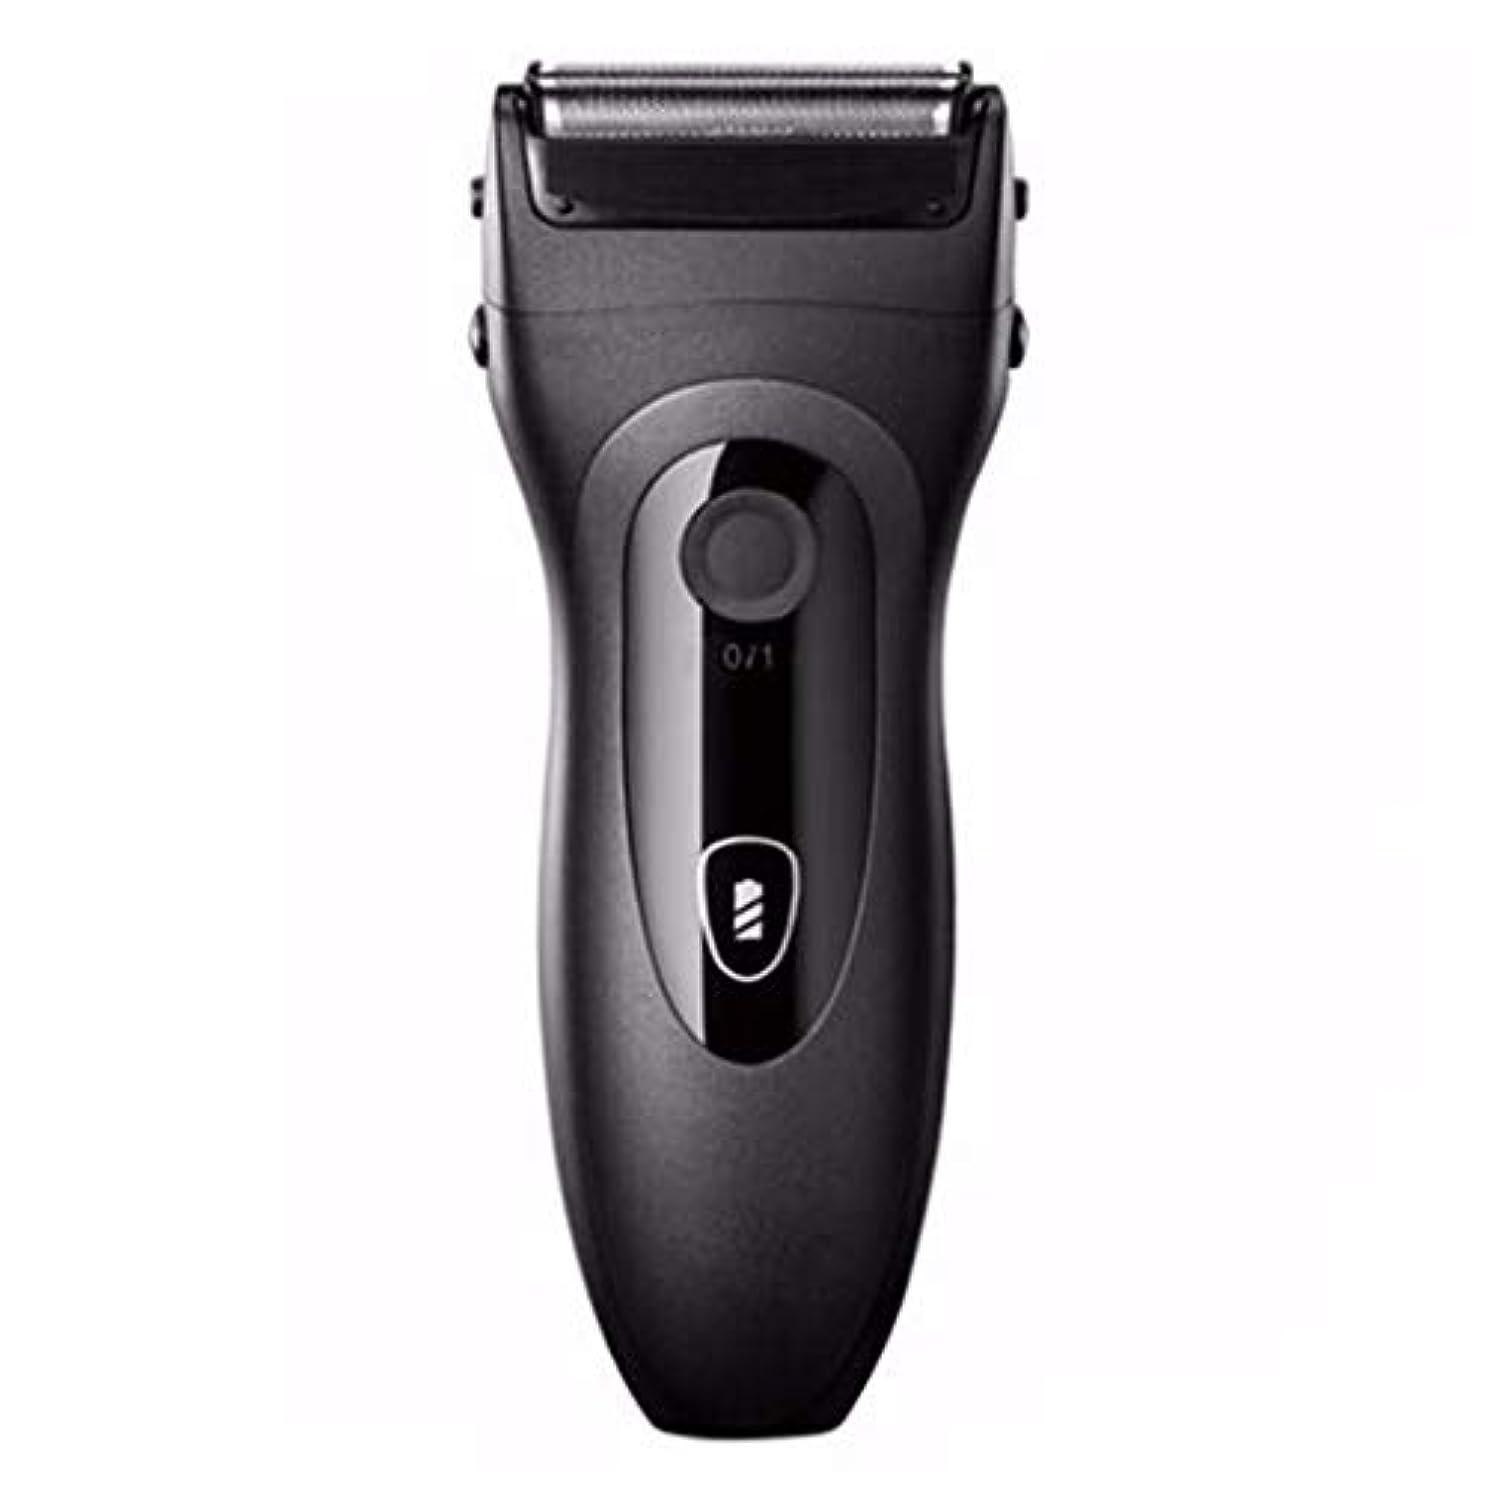 不良品子レーザひげそり 電動 メンズシェーバー,往復式 髭剃り 電気シェーバー USB充電式 IPX7防水 電気シェーバー ディスプレイ お風呂剃りドライ両用 人気プレゼント